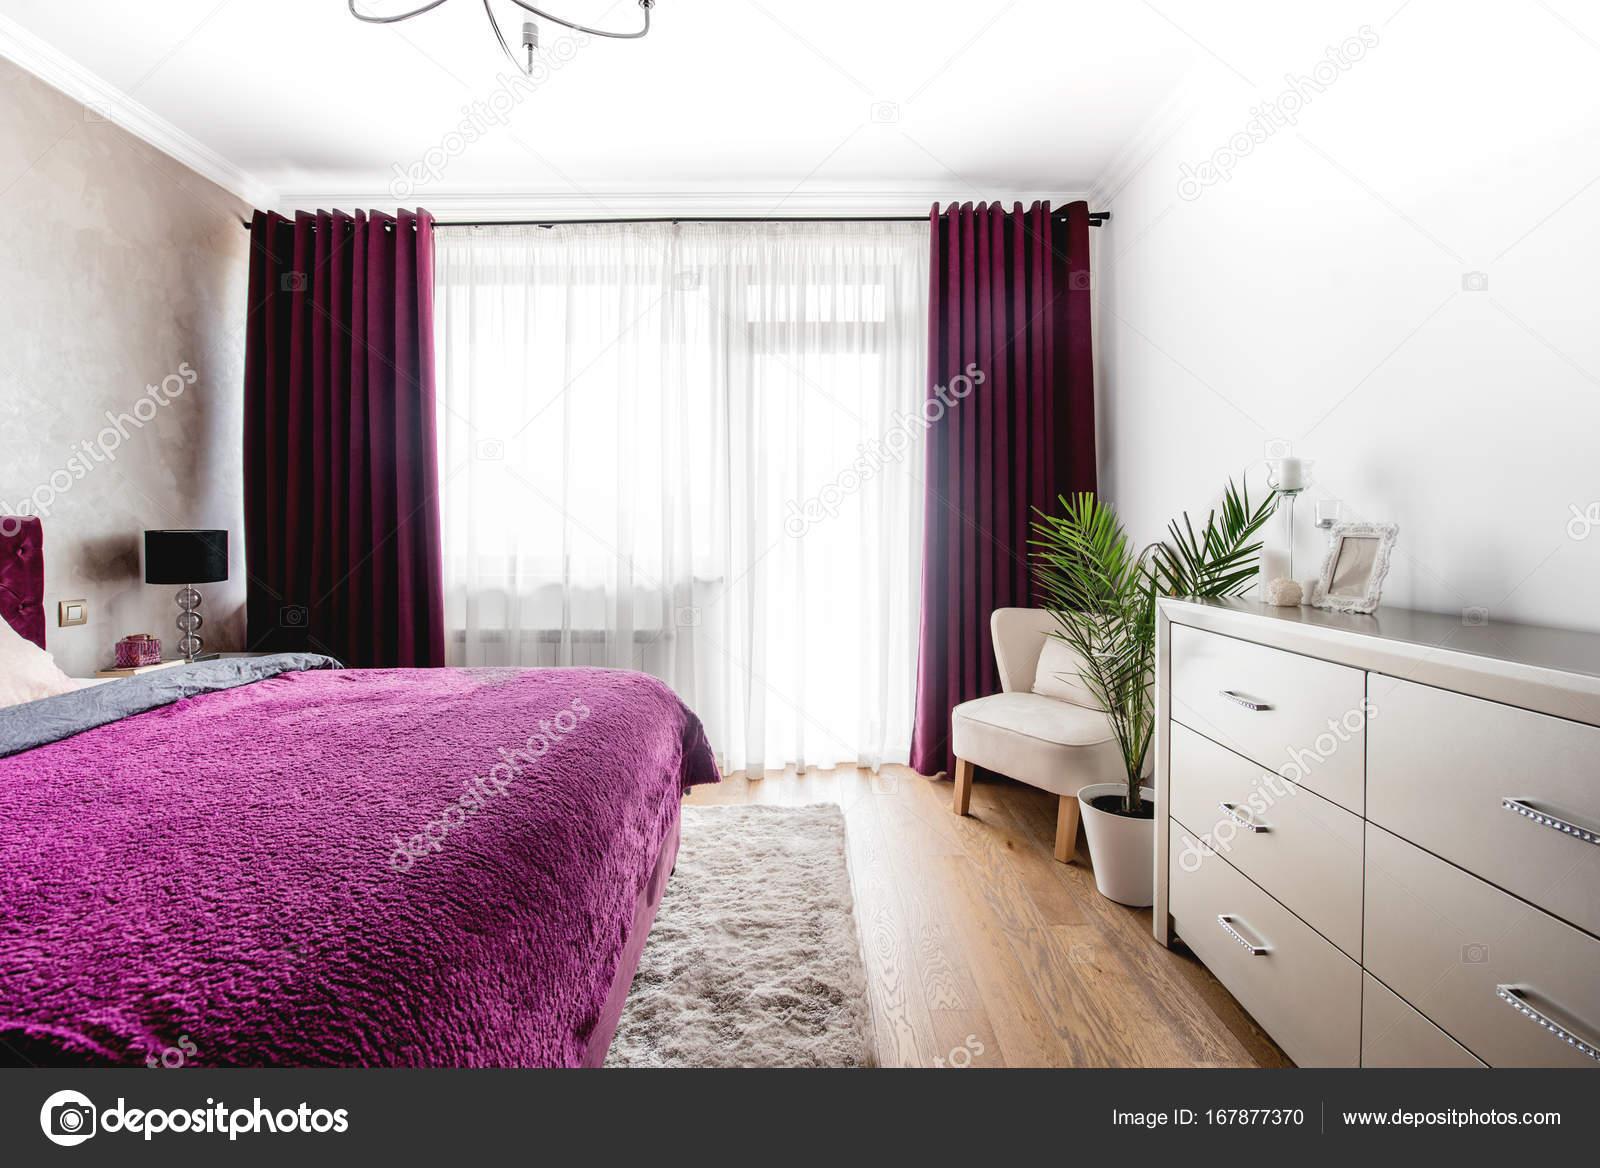 Weiten Blick über Moderne Schlafzimmer Innenraum. Moderne Zeitgenössische  Design, Immobilien Luxus Schlafzimmer U2014 Stockfoto